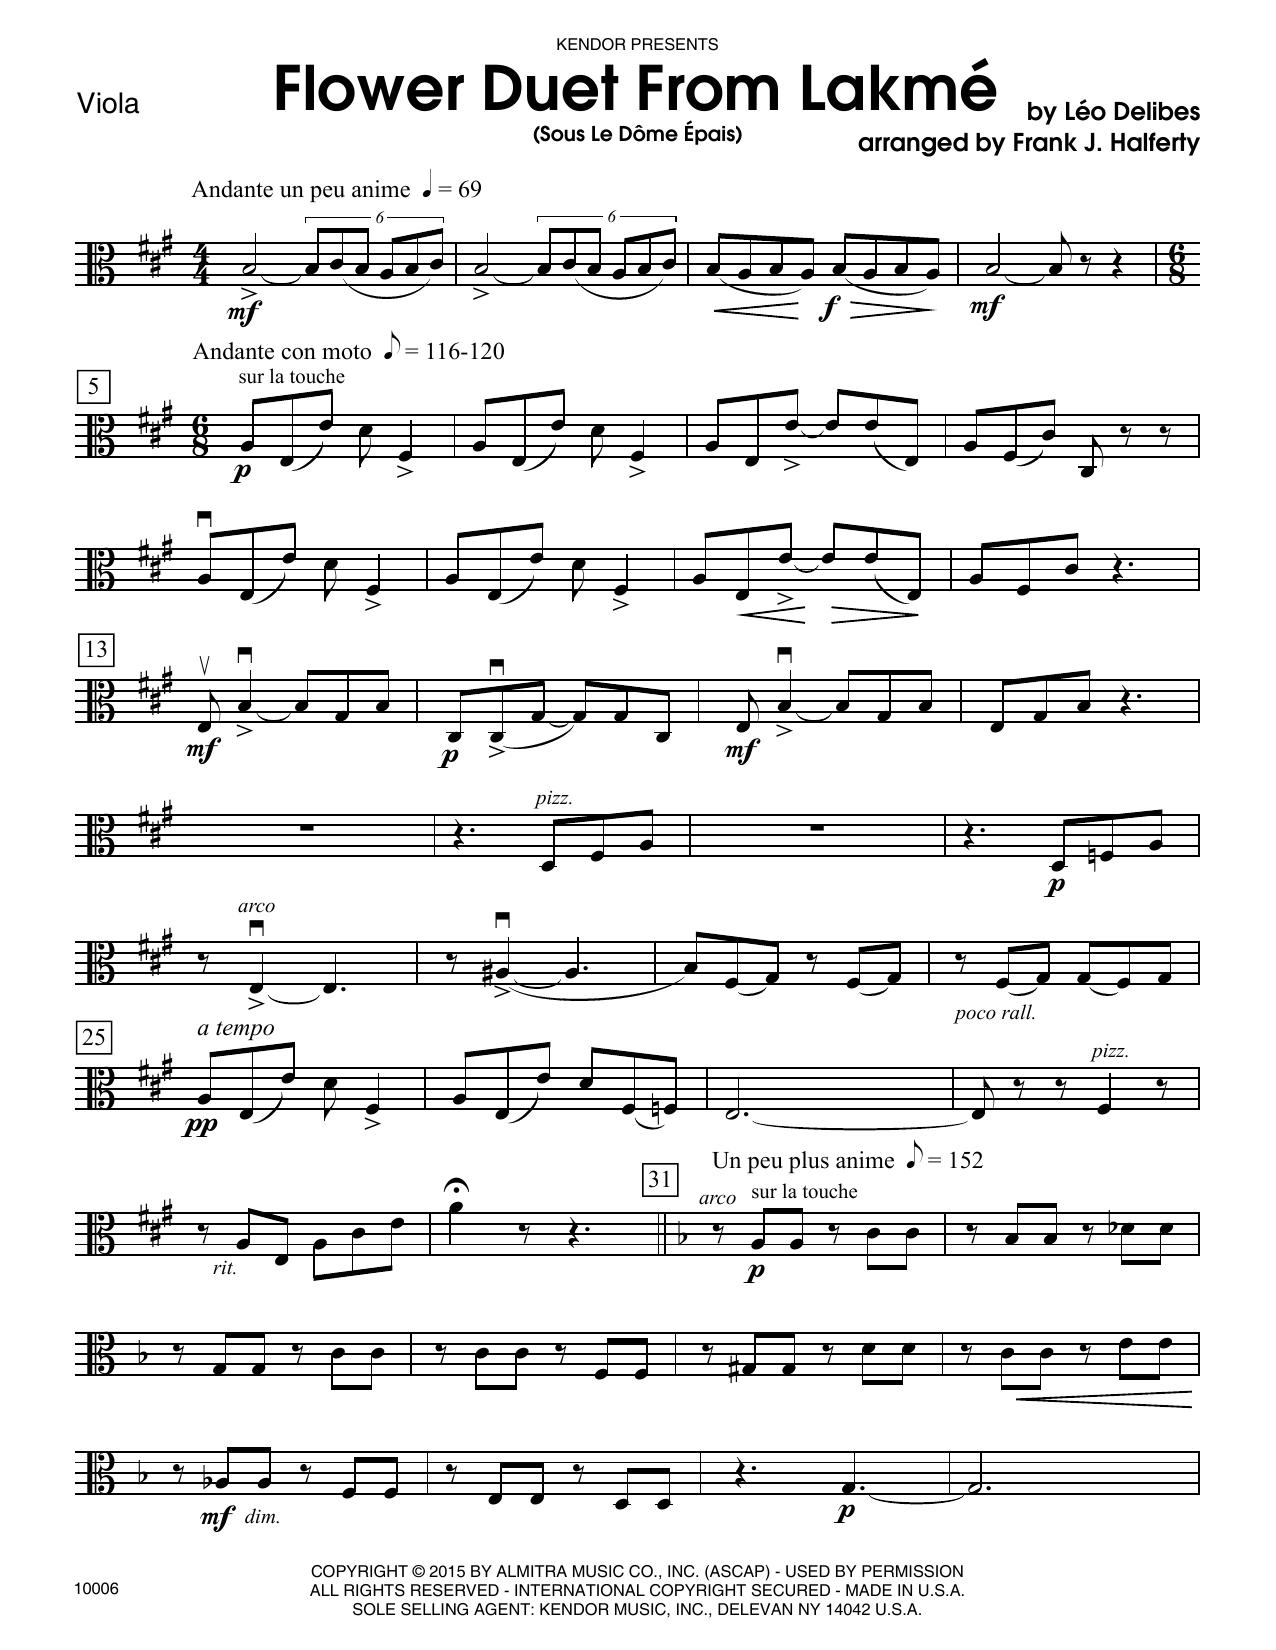 DELIBES - Flower Duet From Lakme (Sous Le Dome Epais) - Viola